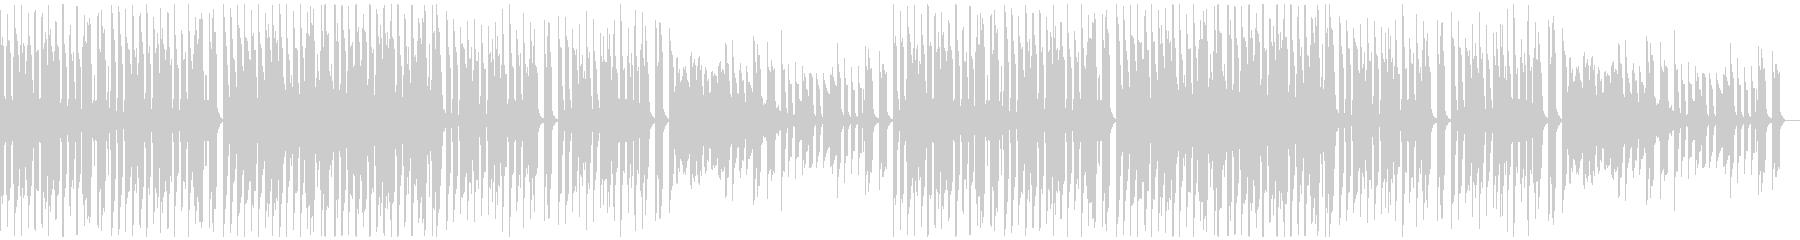 クール・おしゃれなBGM・4の未再生の波形